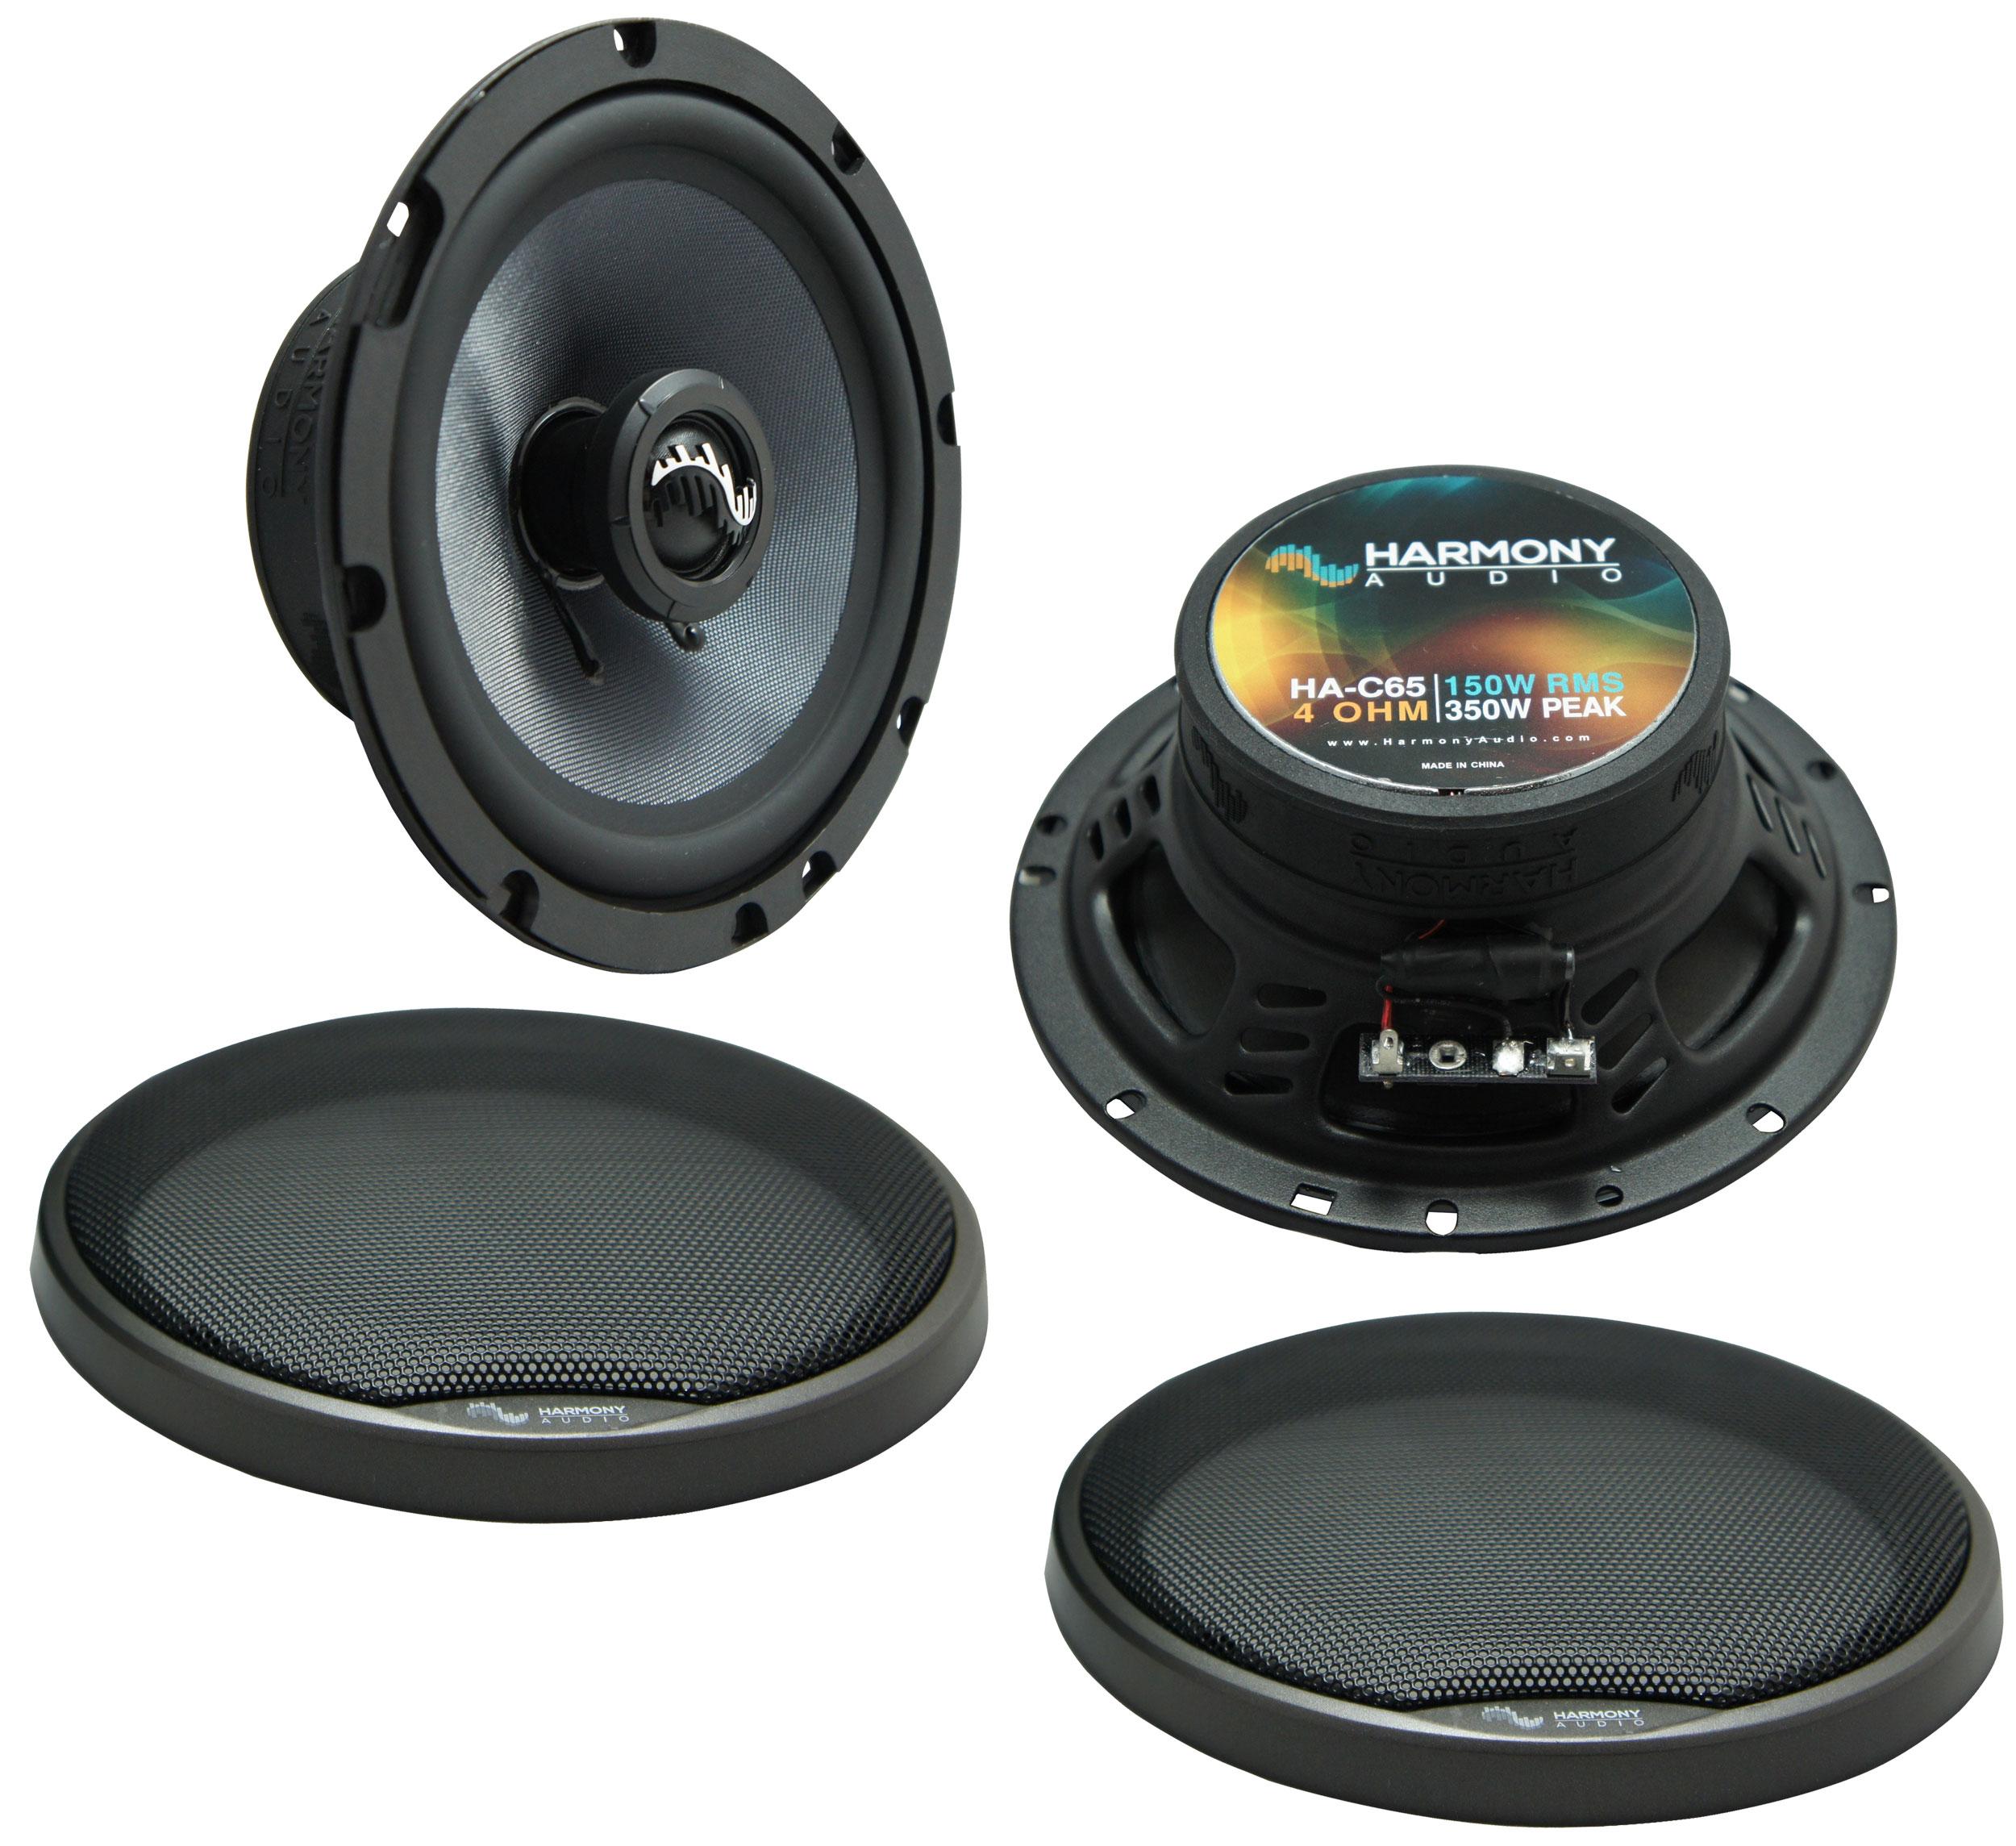 Fits Jaguar X-type 2001-2008 Rear Door Replacement Harmony HA-C65 Premium Speakers New